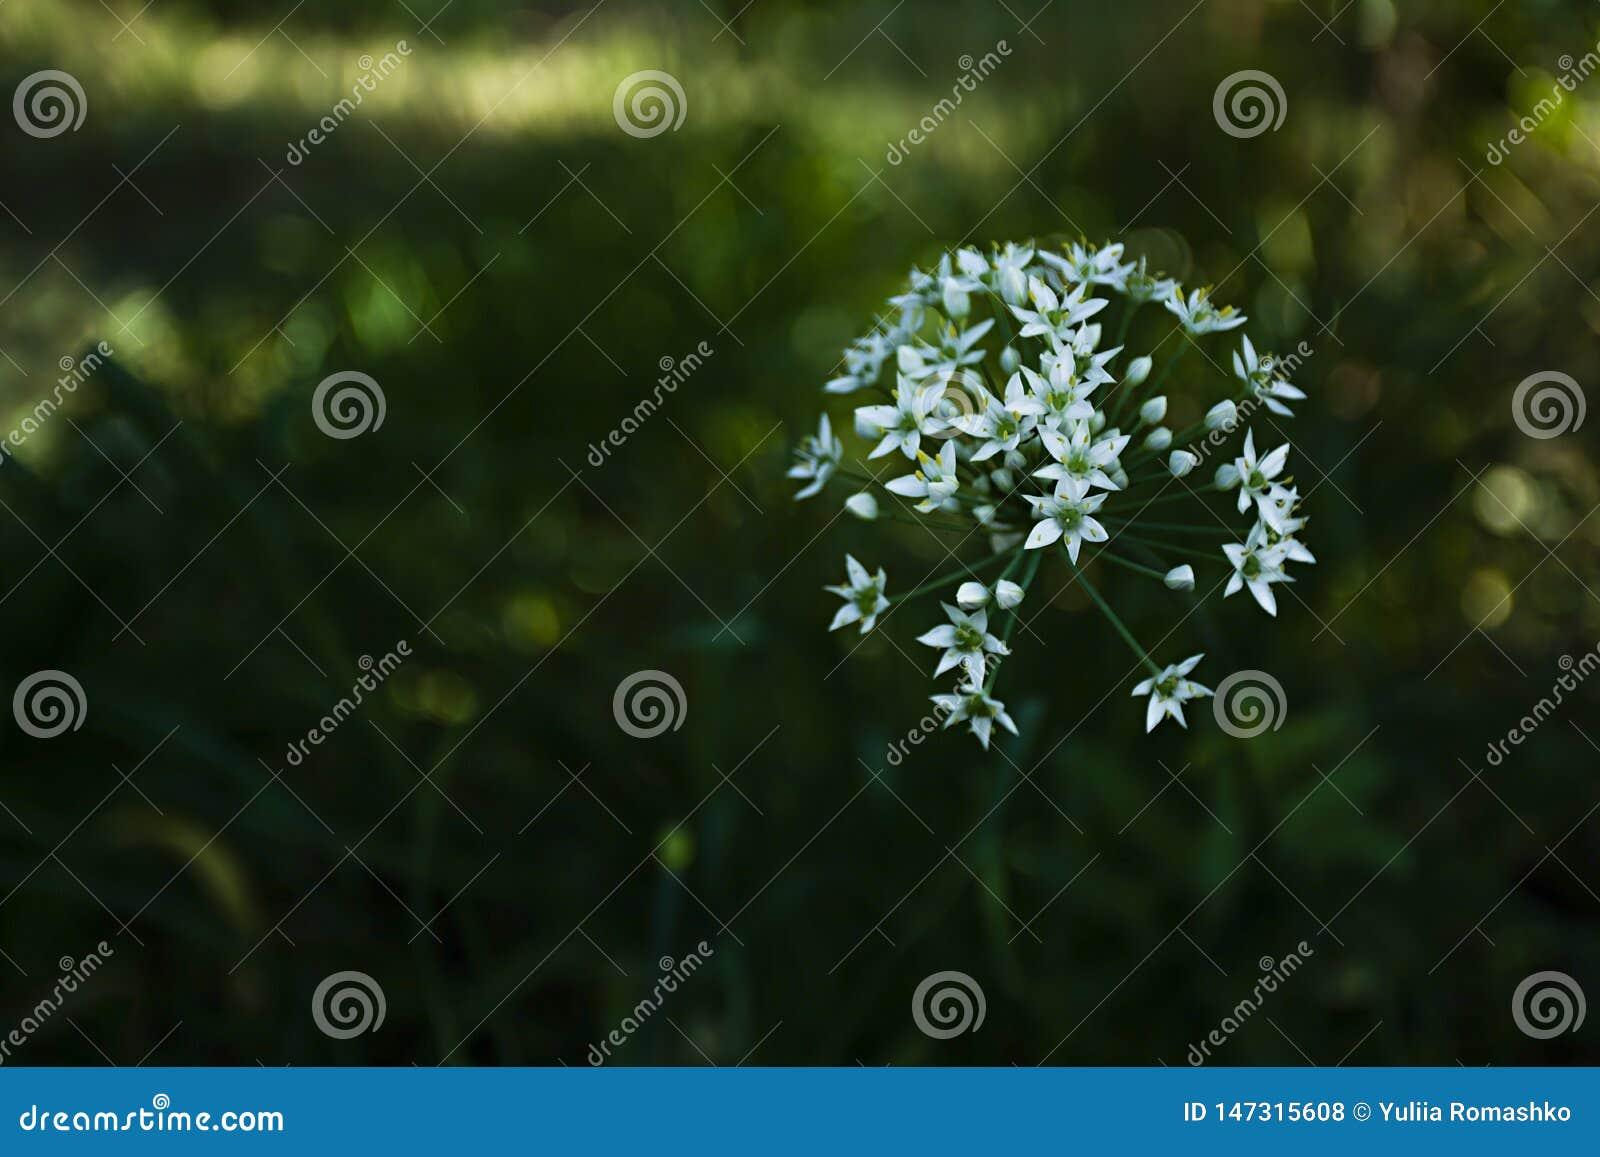 White garlic flowering heads of garlic, known as garlic, Chinese onion, oriental garlic, Chinese leek, blooming in autumn